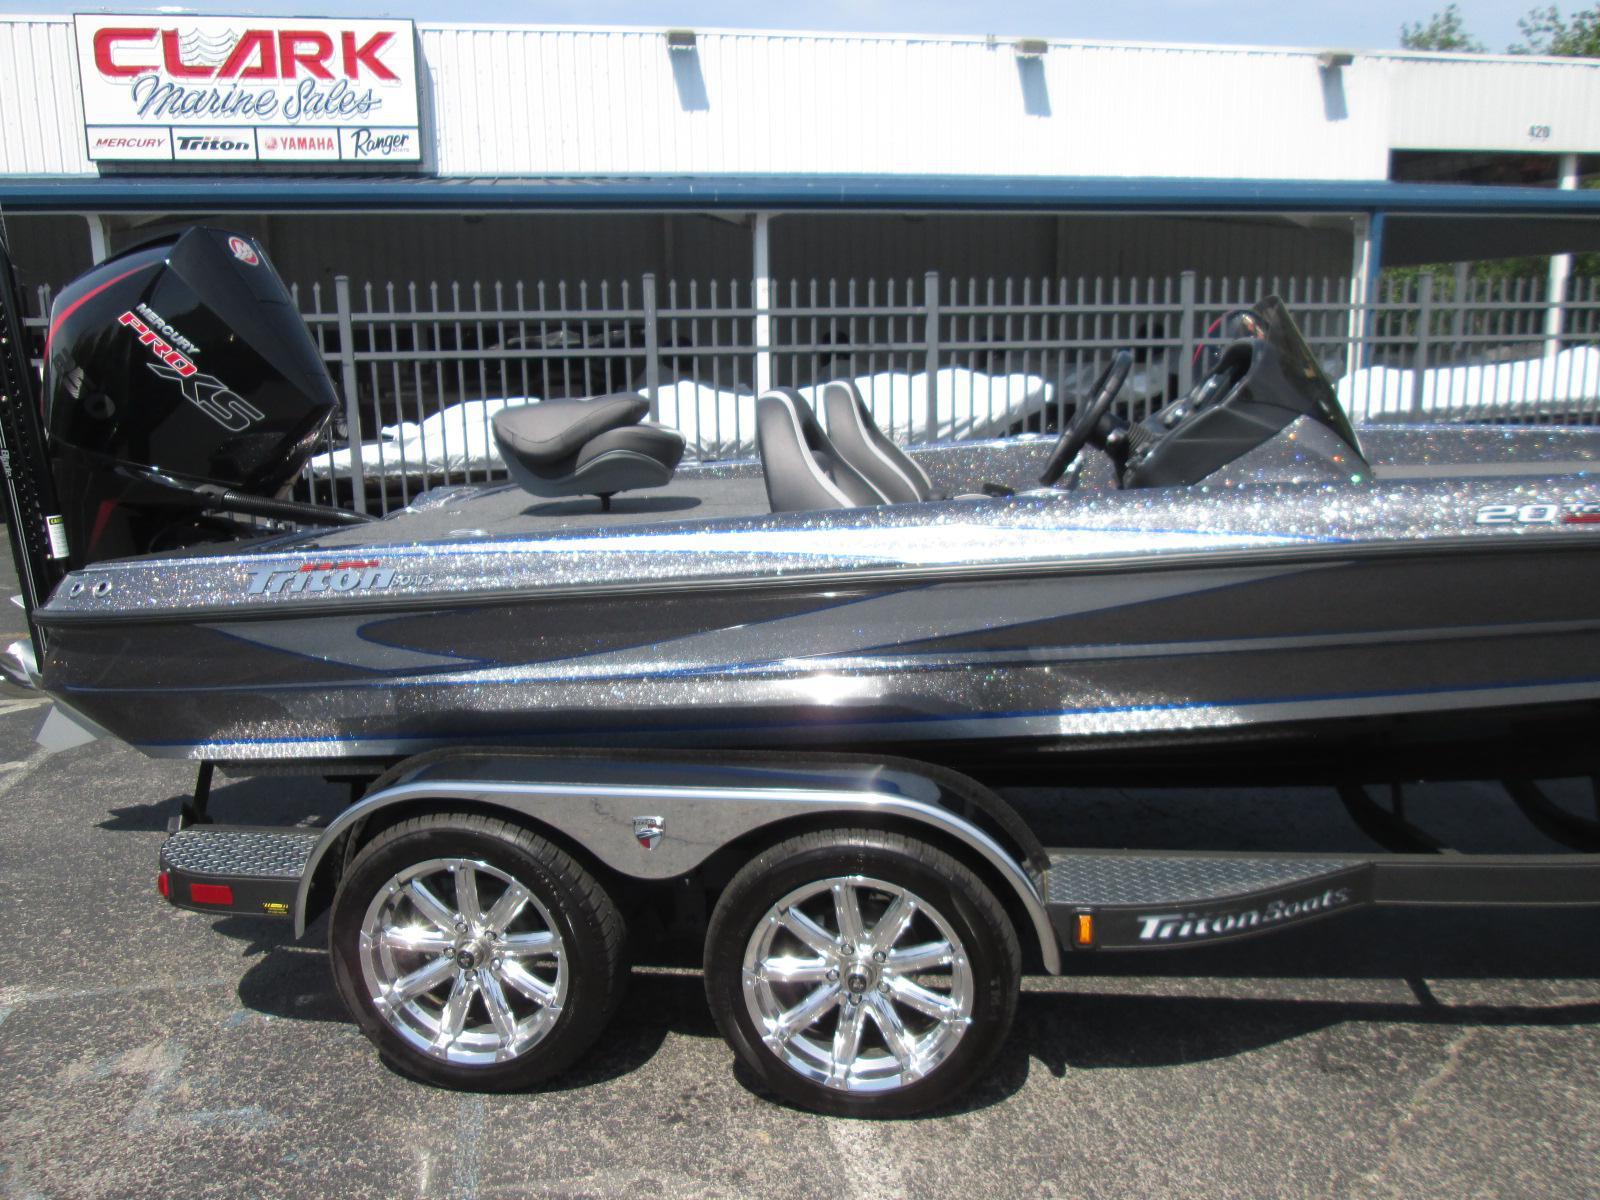 2019 Triton Boats 20 TRX Patriot for sale in Franklin, TN